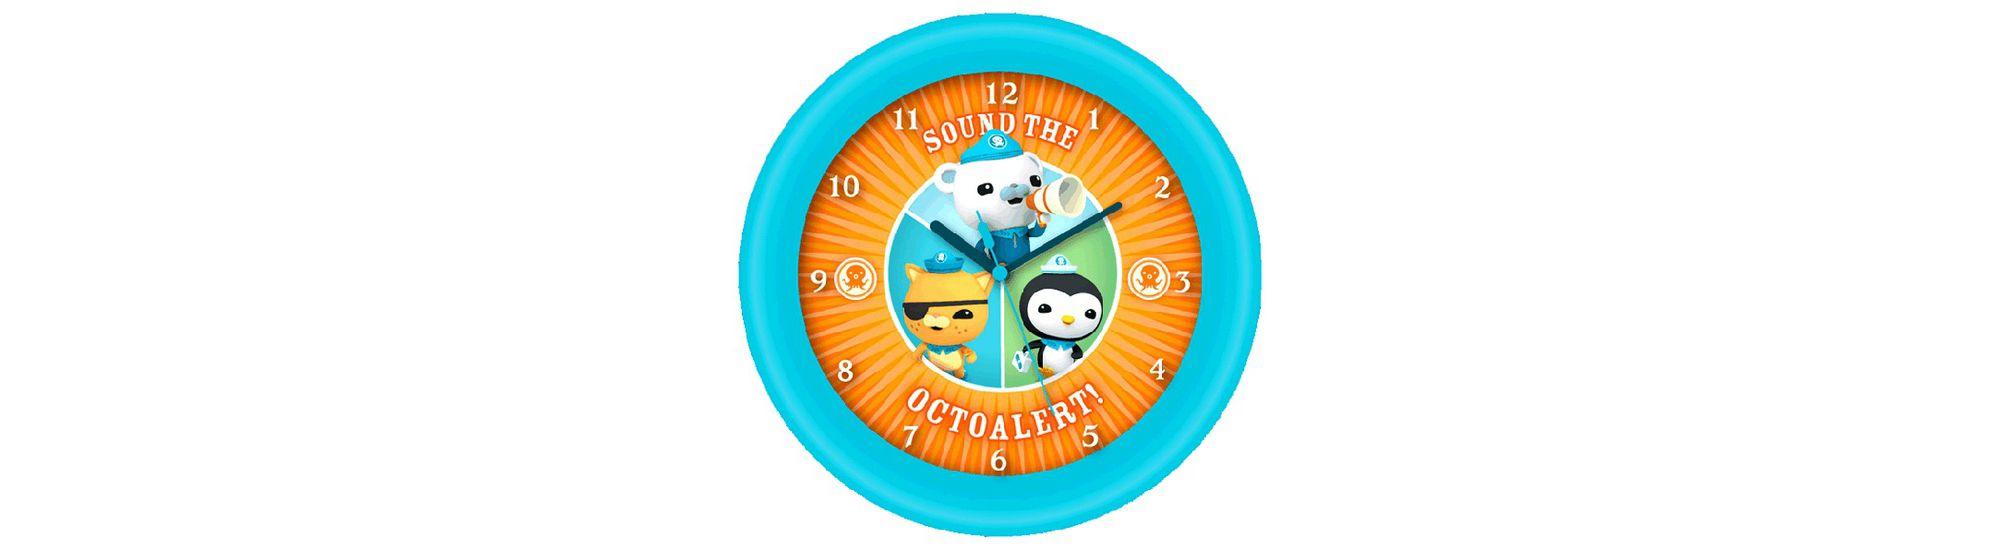 myshop octonauts wall clock zeon